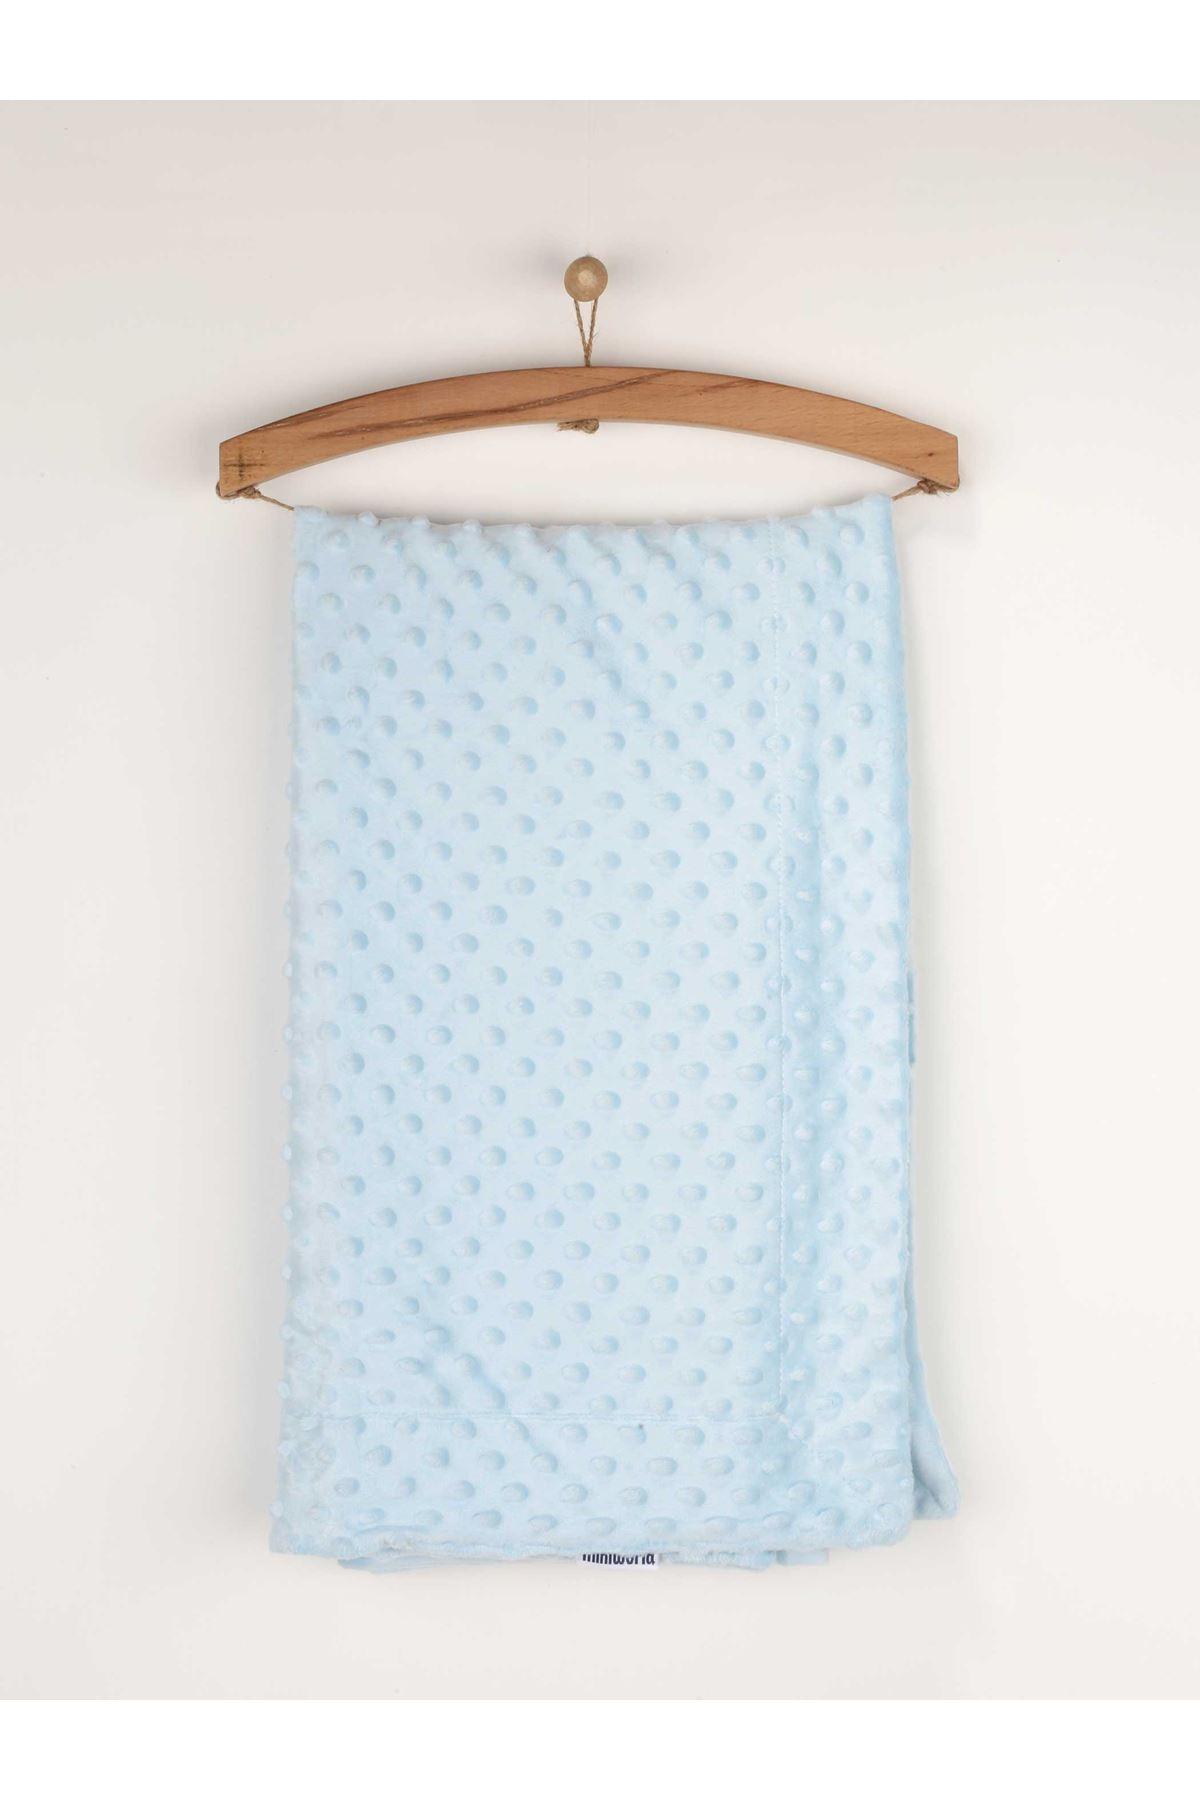 Mavi 80x100 cm Nohut Desen Erkek Bebek Battaniye